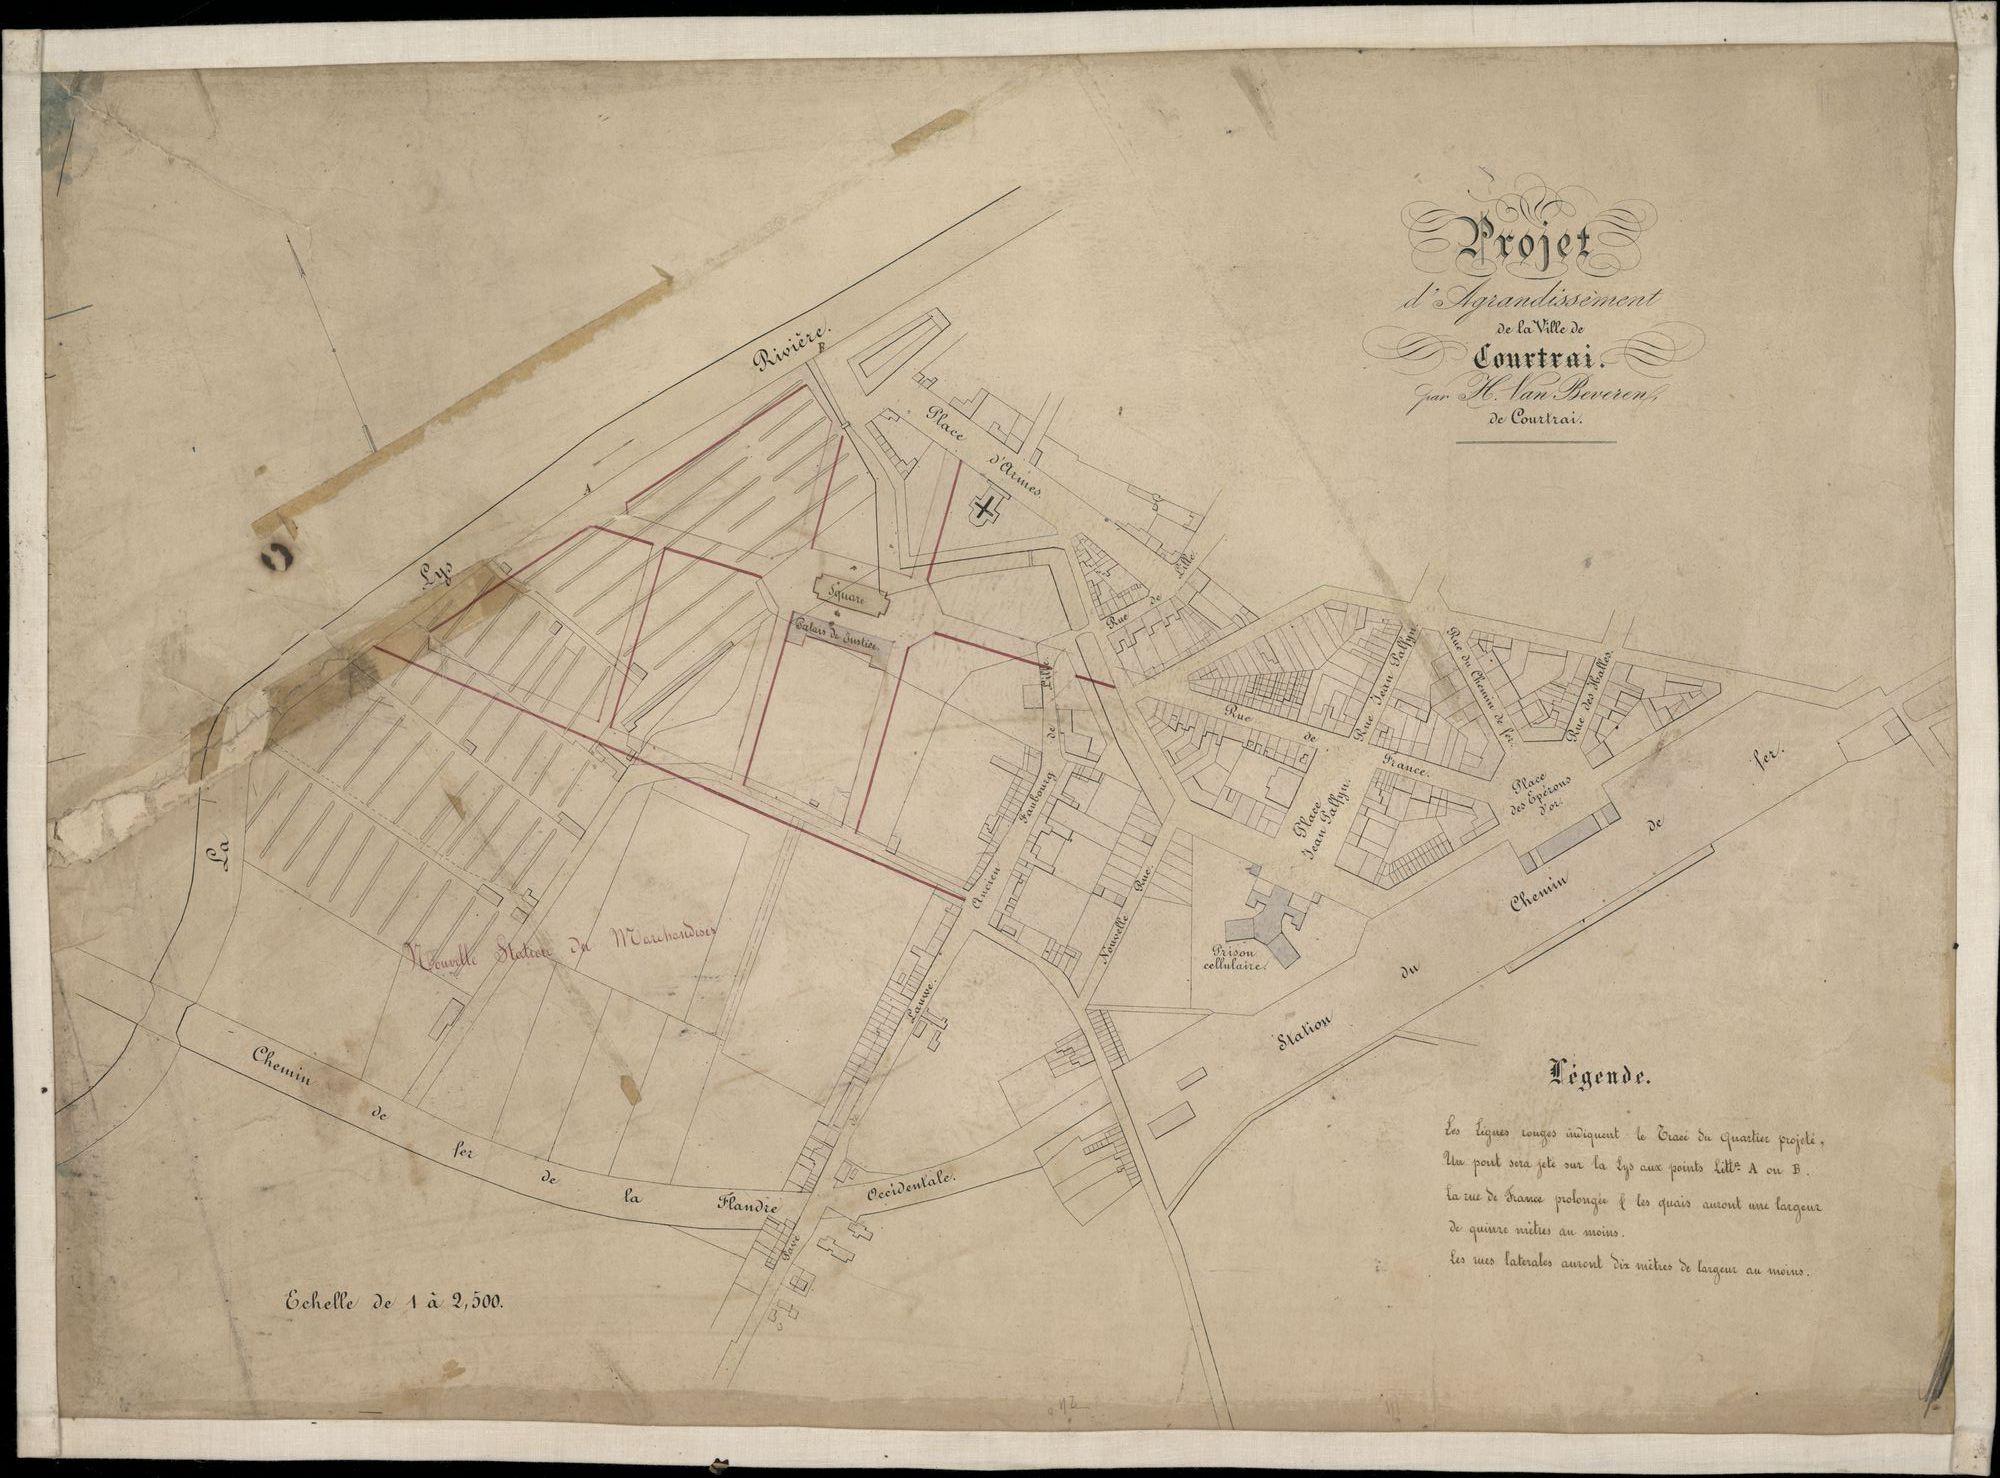 Plattegrond met ontwerp van uitbreiding aan de westkant van de stad Kortrijk, begrensd door de Leie, de spoorweg, het station, de Sint-Jorisstraat, het President Rooseveltplein, opgemaakt door H. Van Beveren, 1864